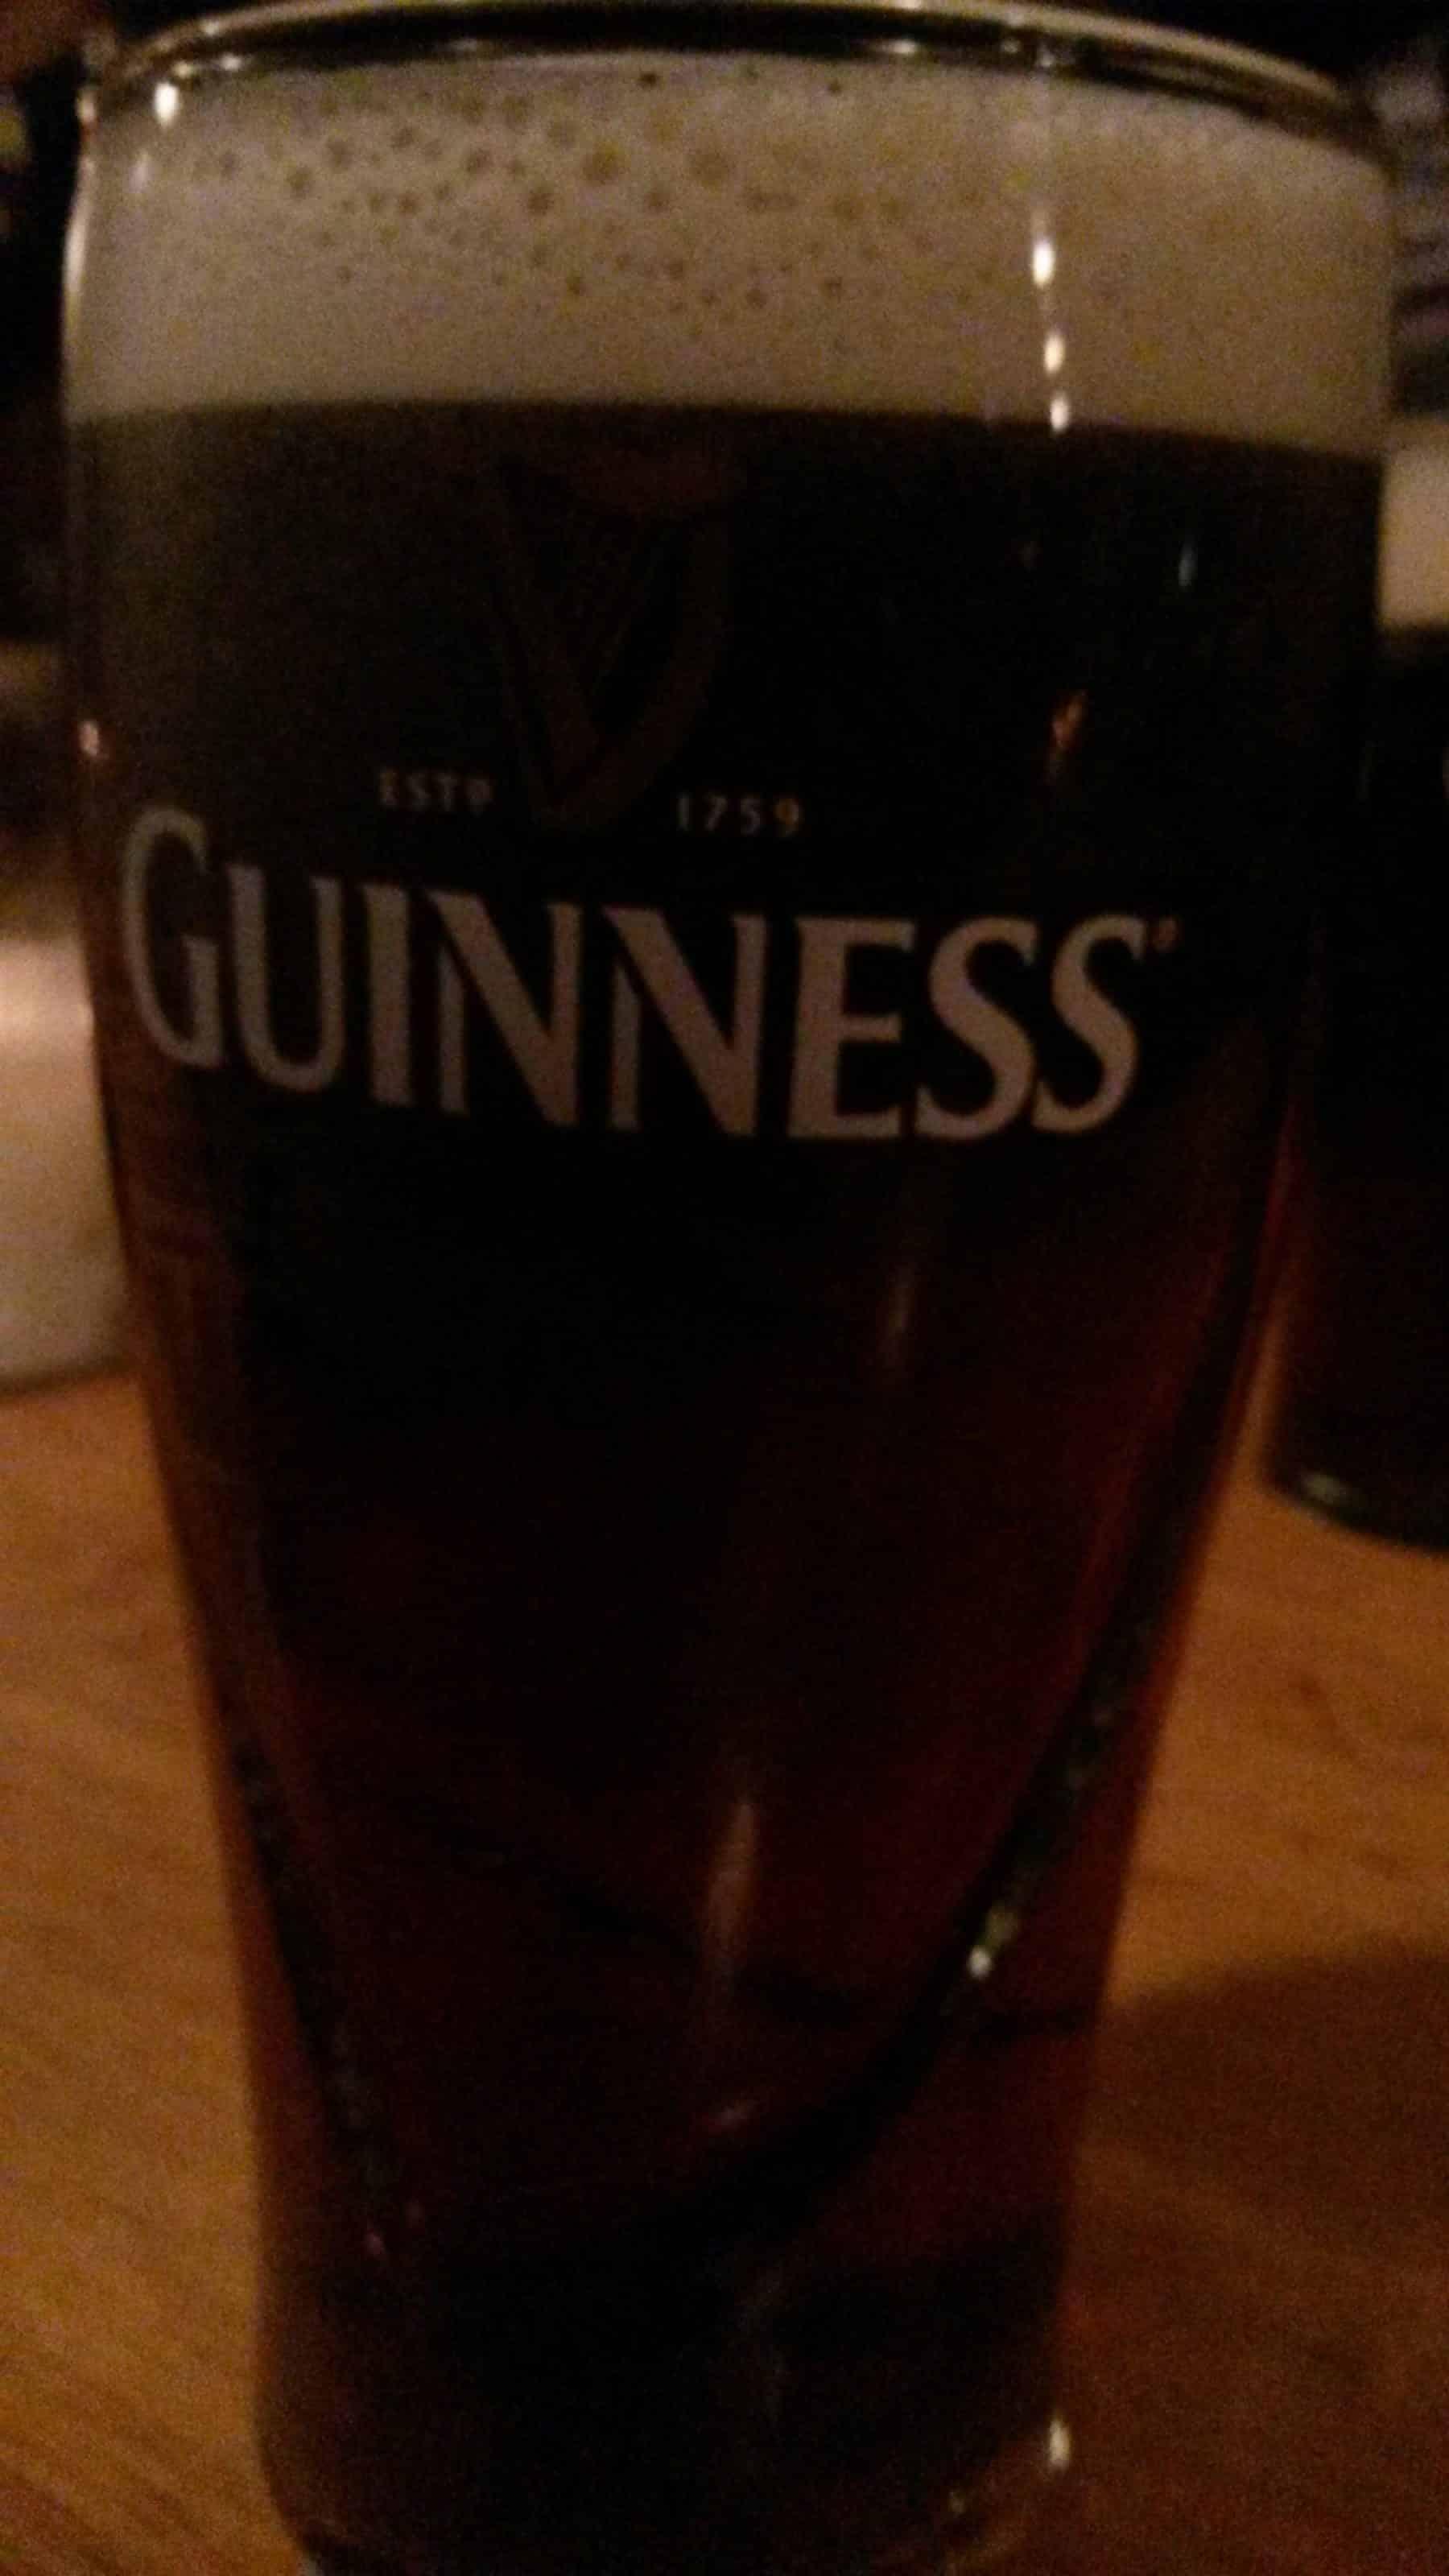 Guinness 17-01-14